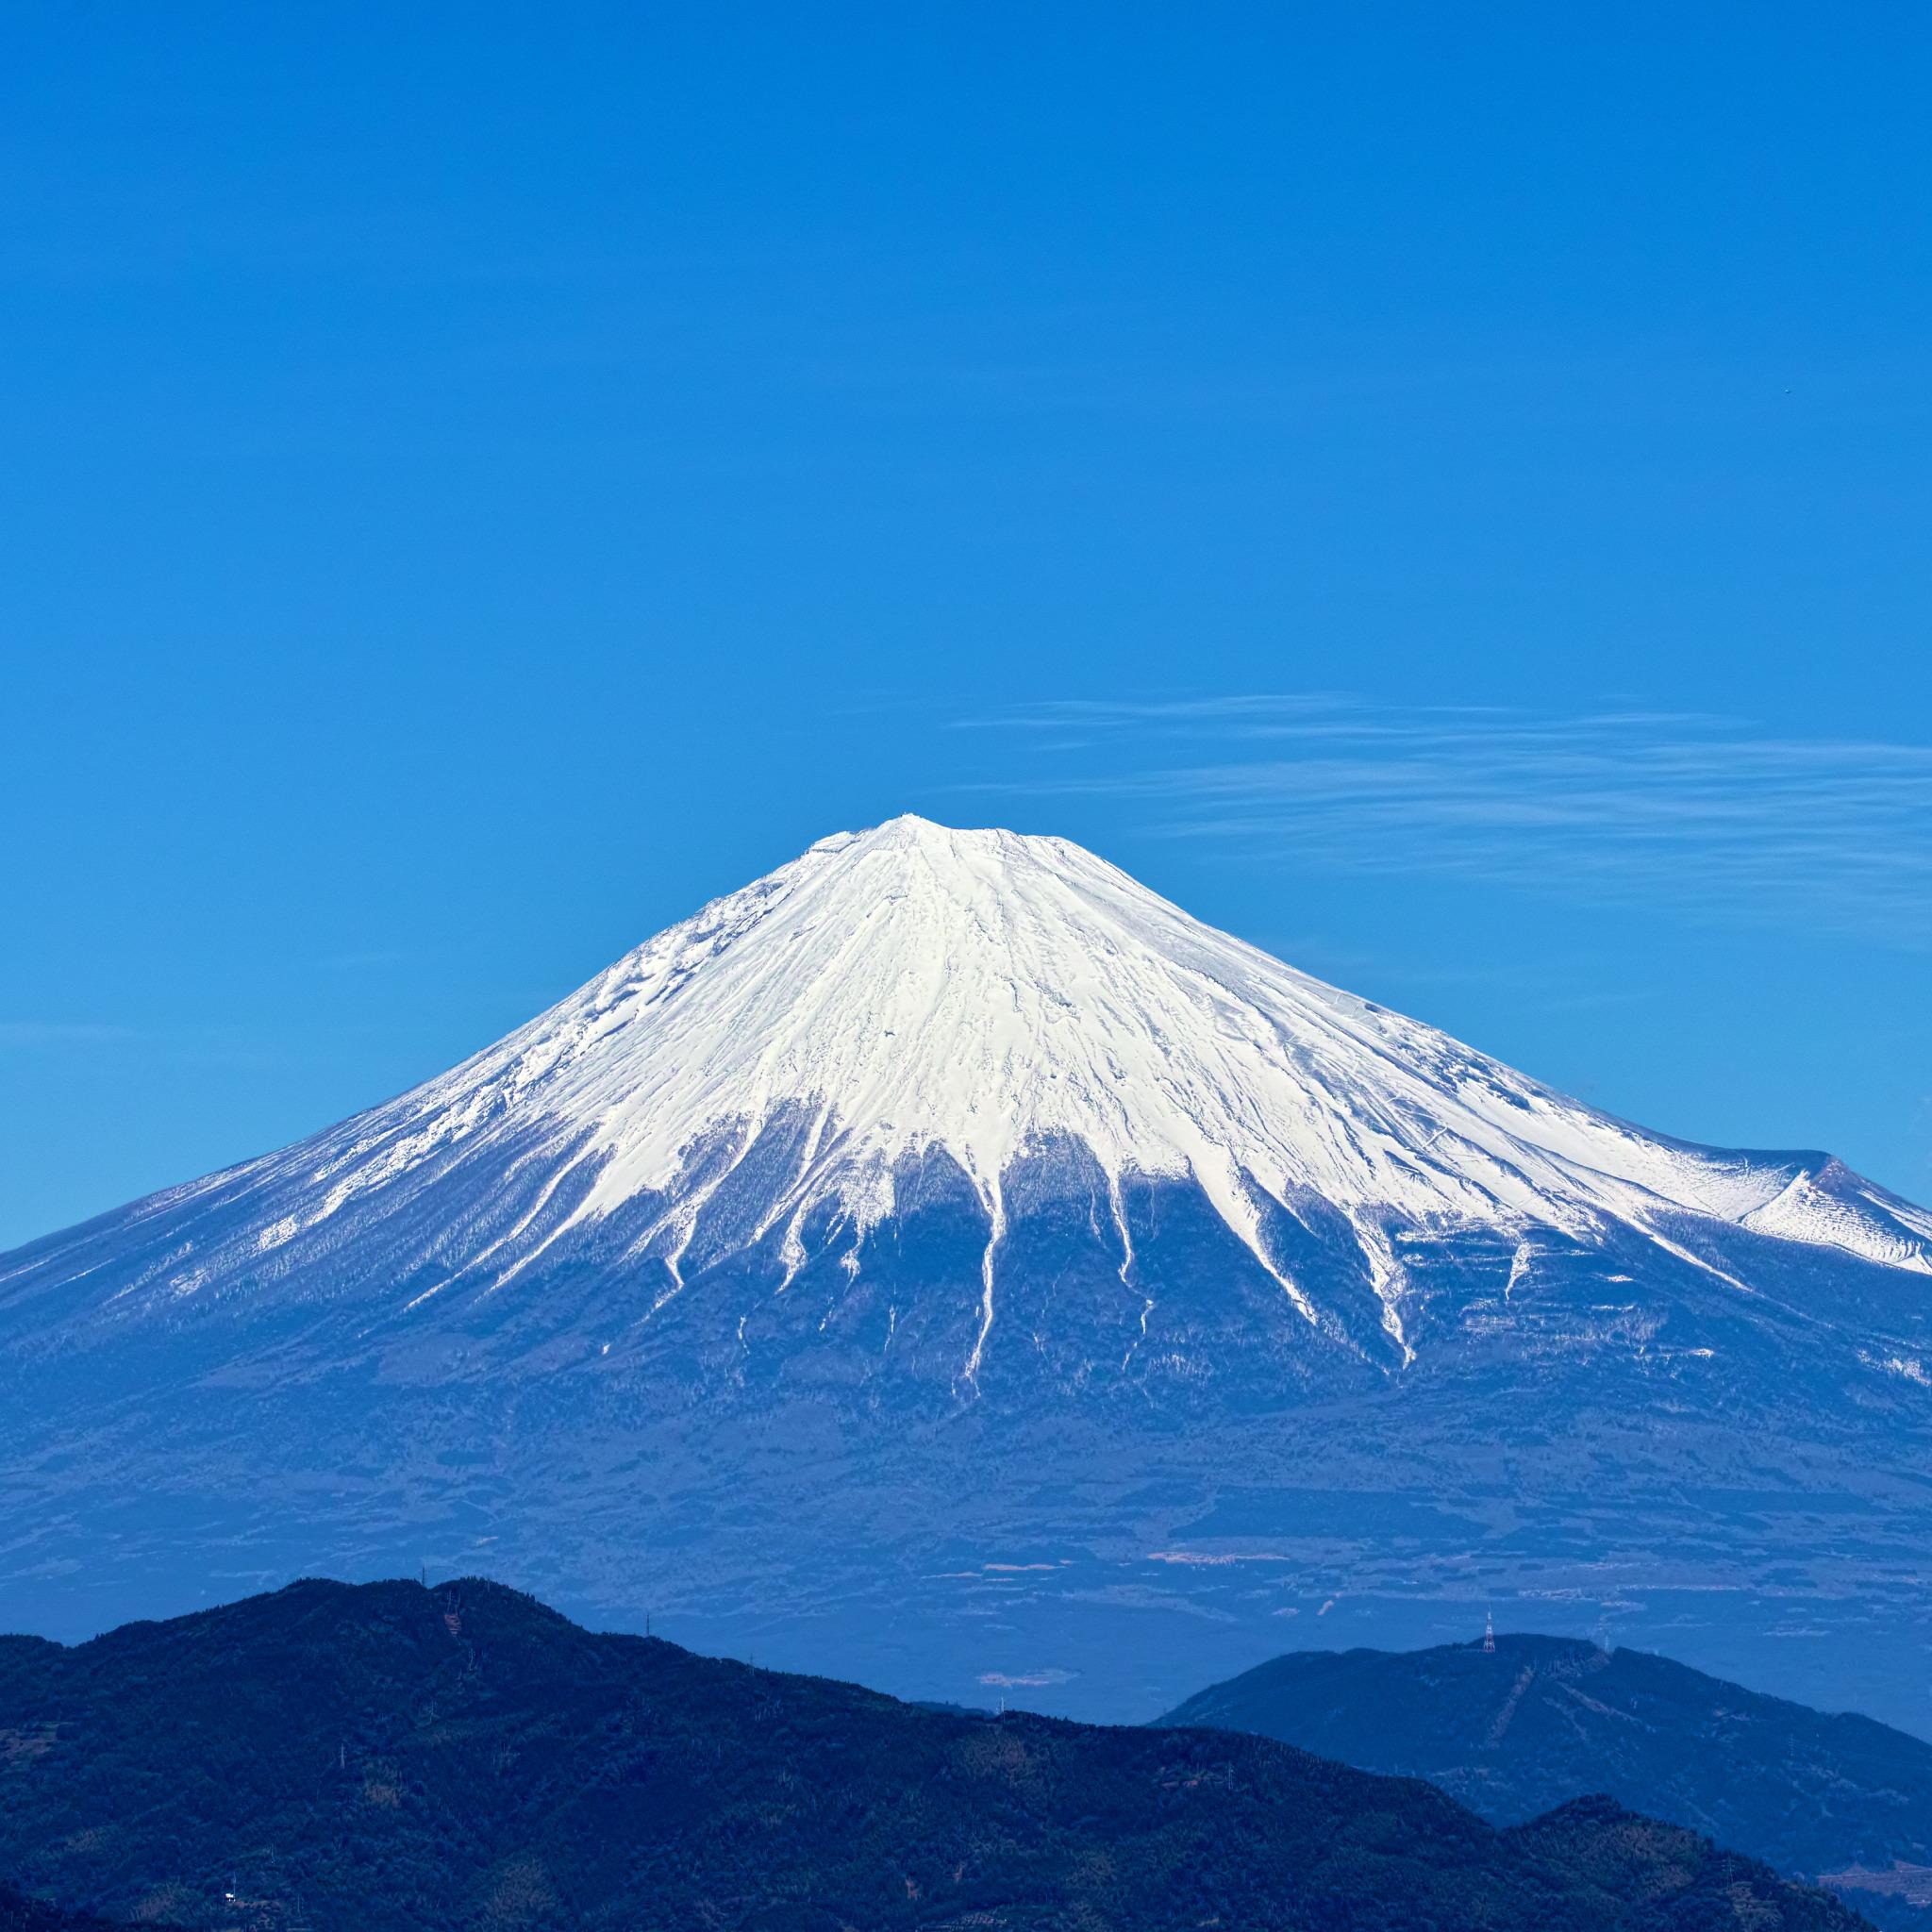 это гора фудзияма в японии фото презентация выпечка